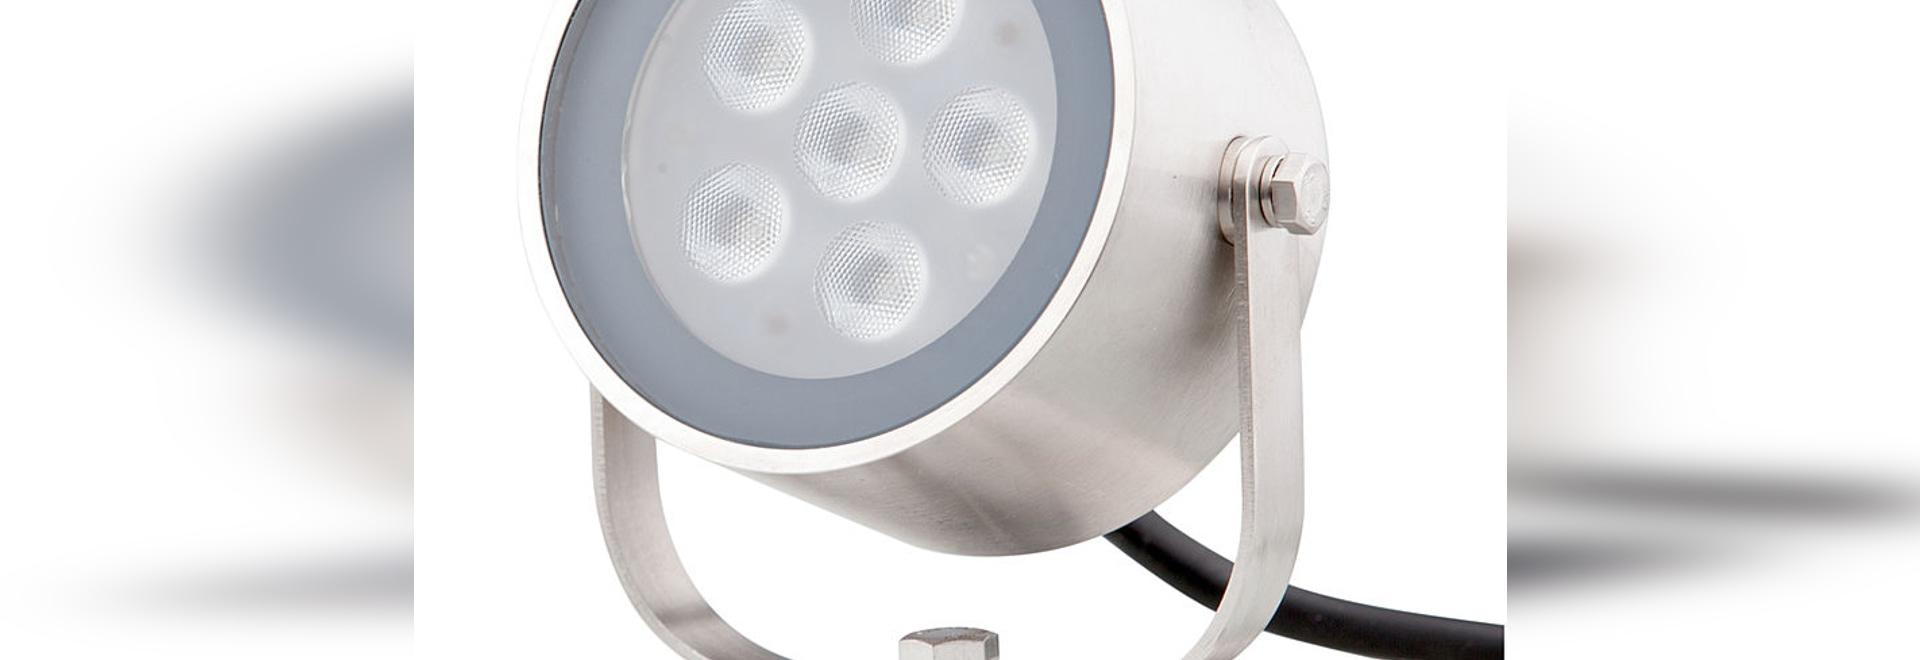 SHARK 6 adjustable spotlight